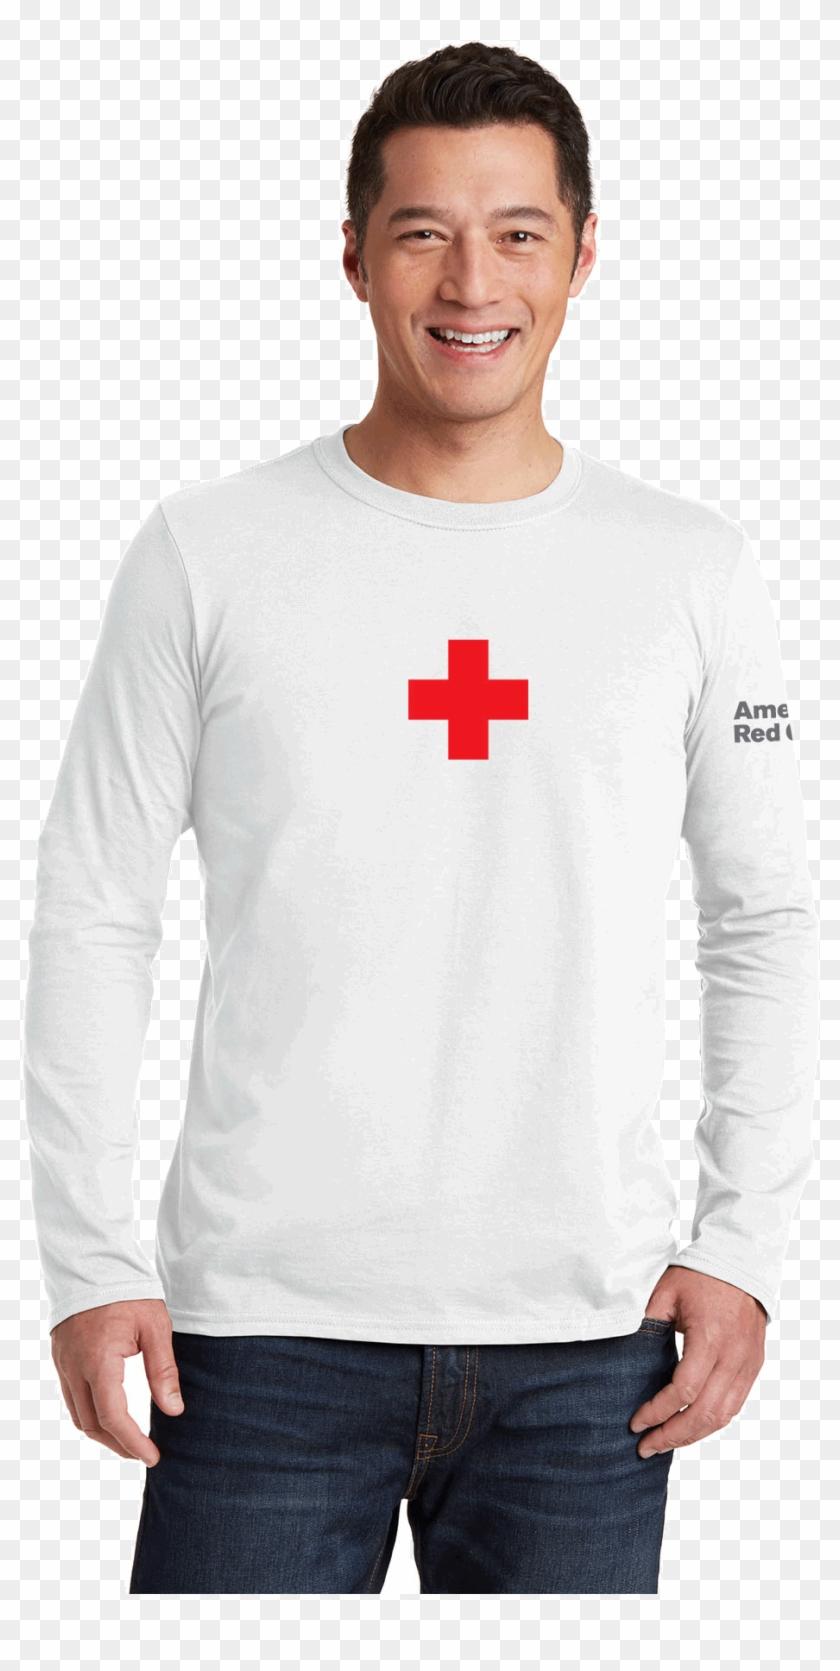 Red Cross Long Sleeve T Shirt Clipart #2413131